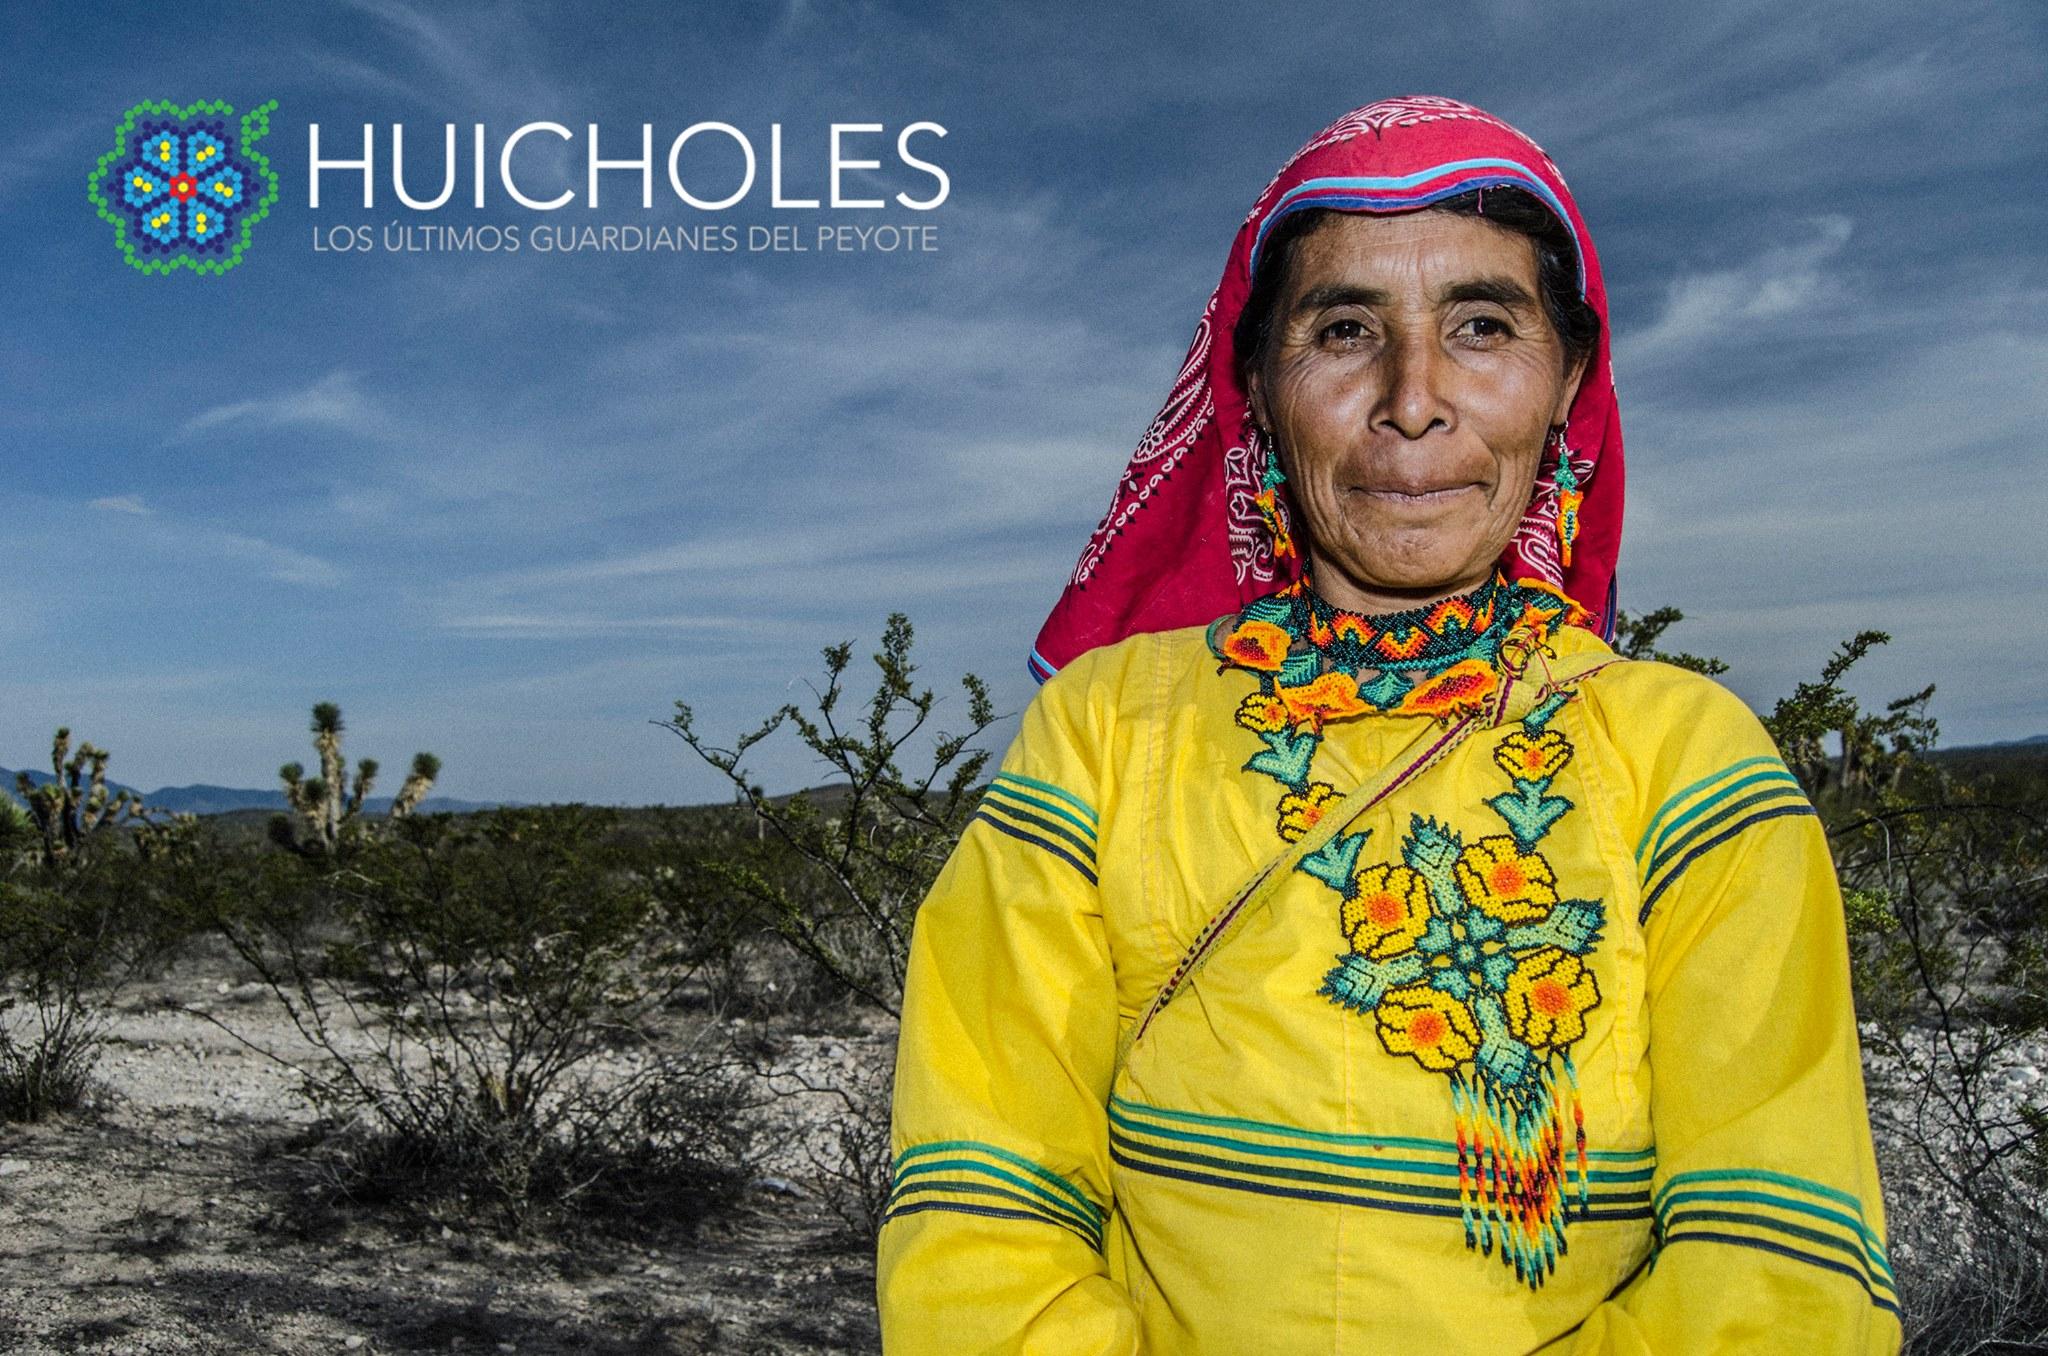 Film Premiere Quot Huicholes The Last Peyote Guardians